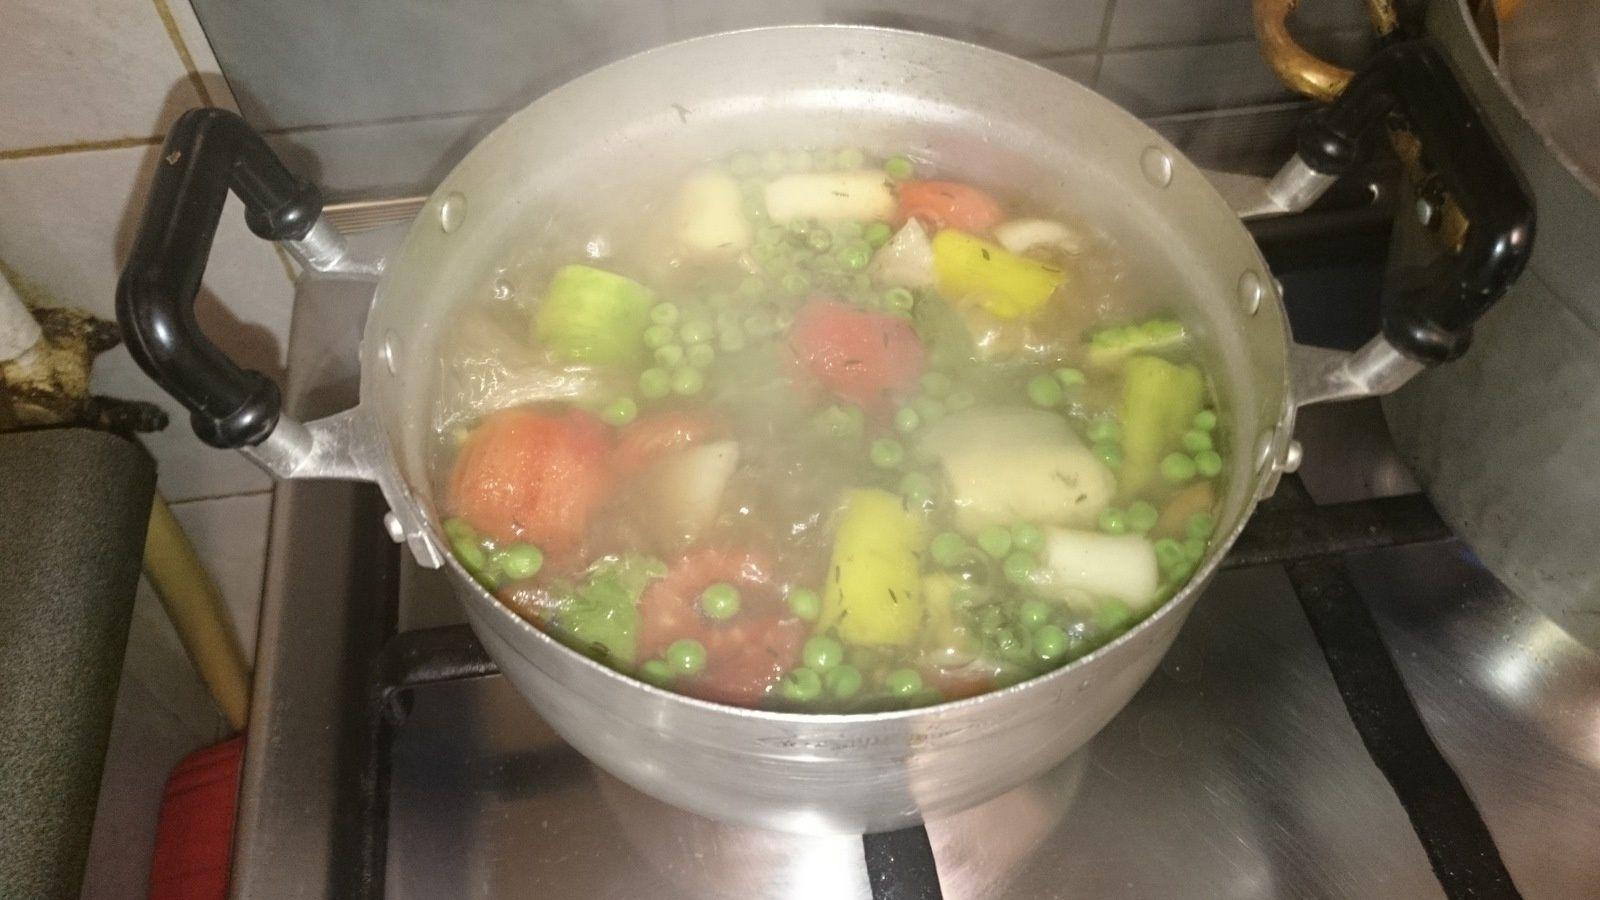 JOUR 1 - Soupe Party!